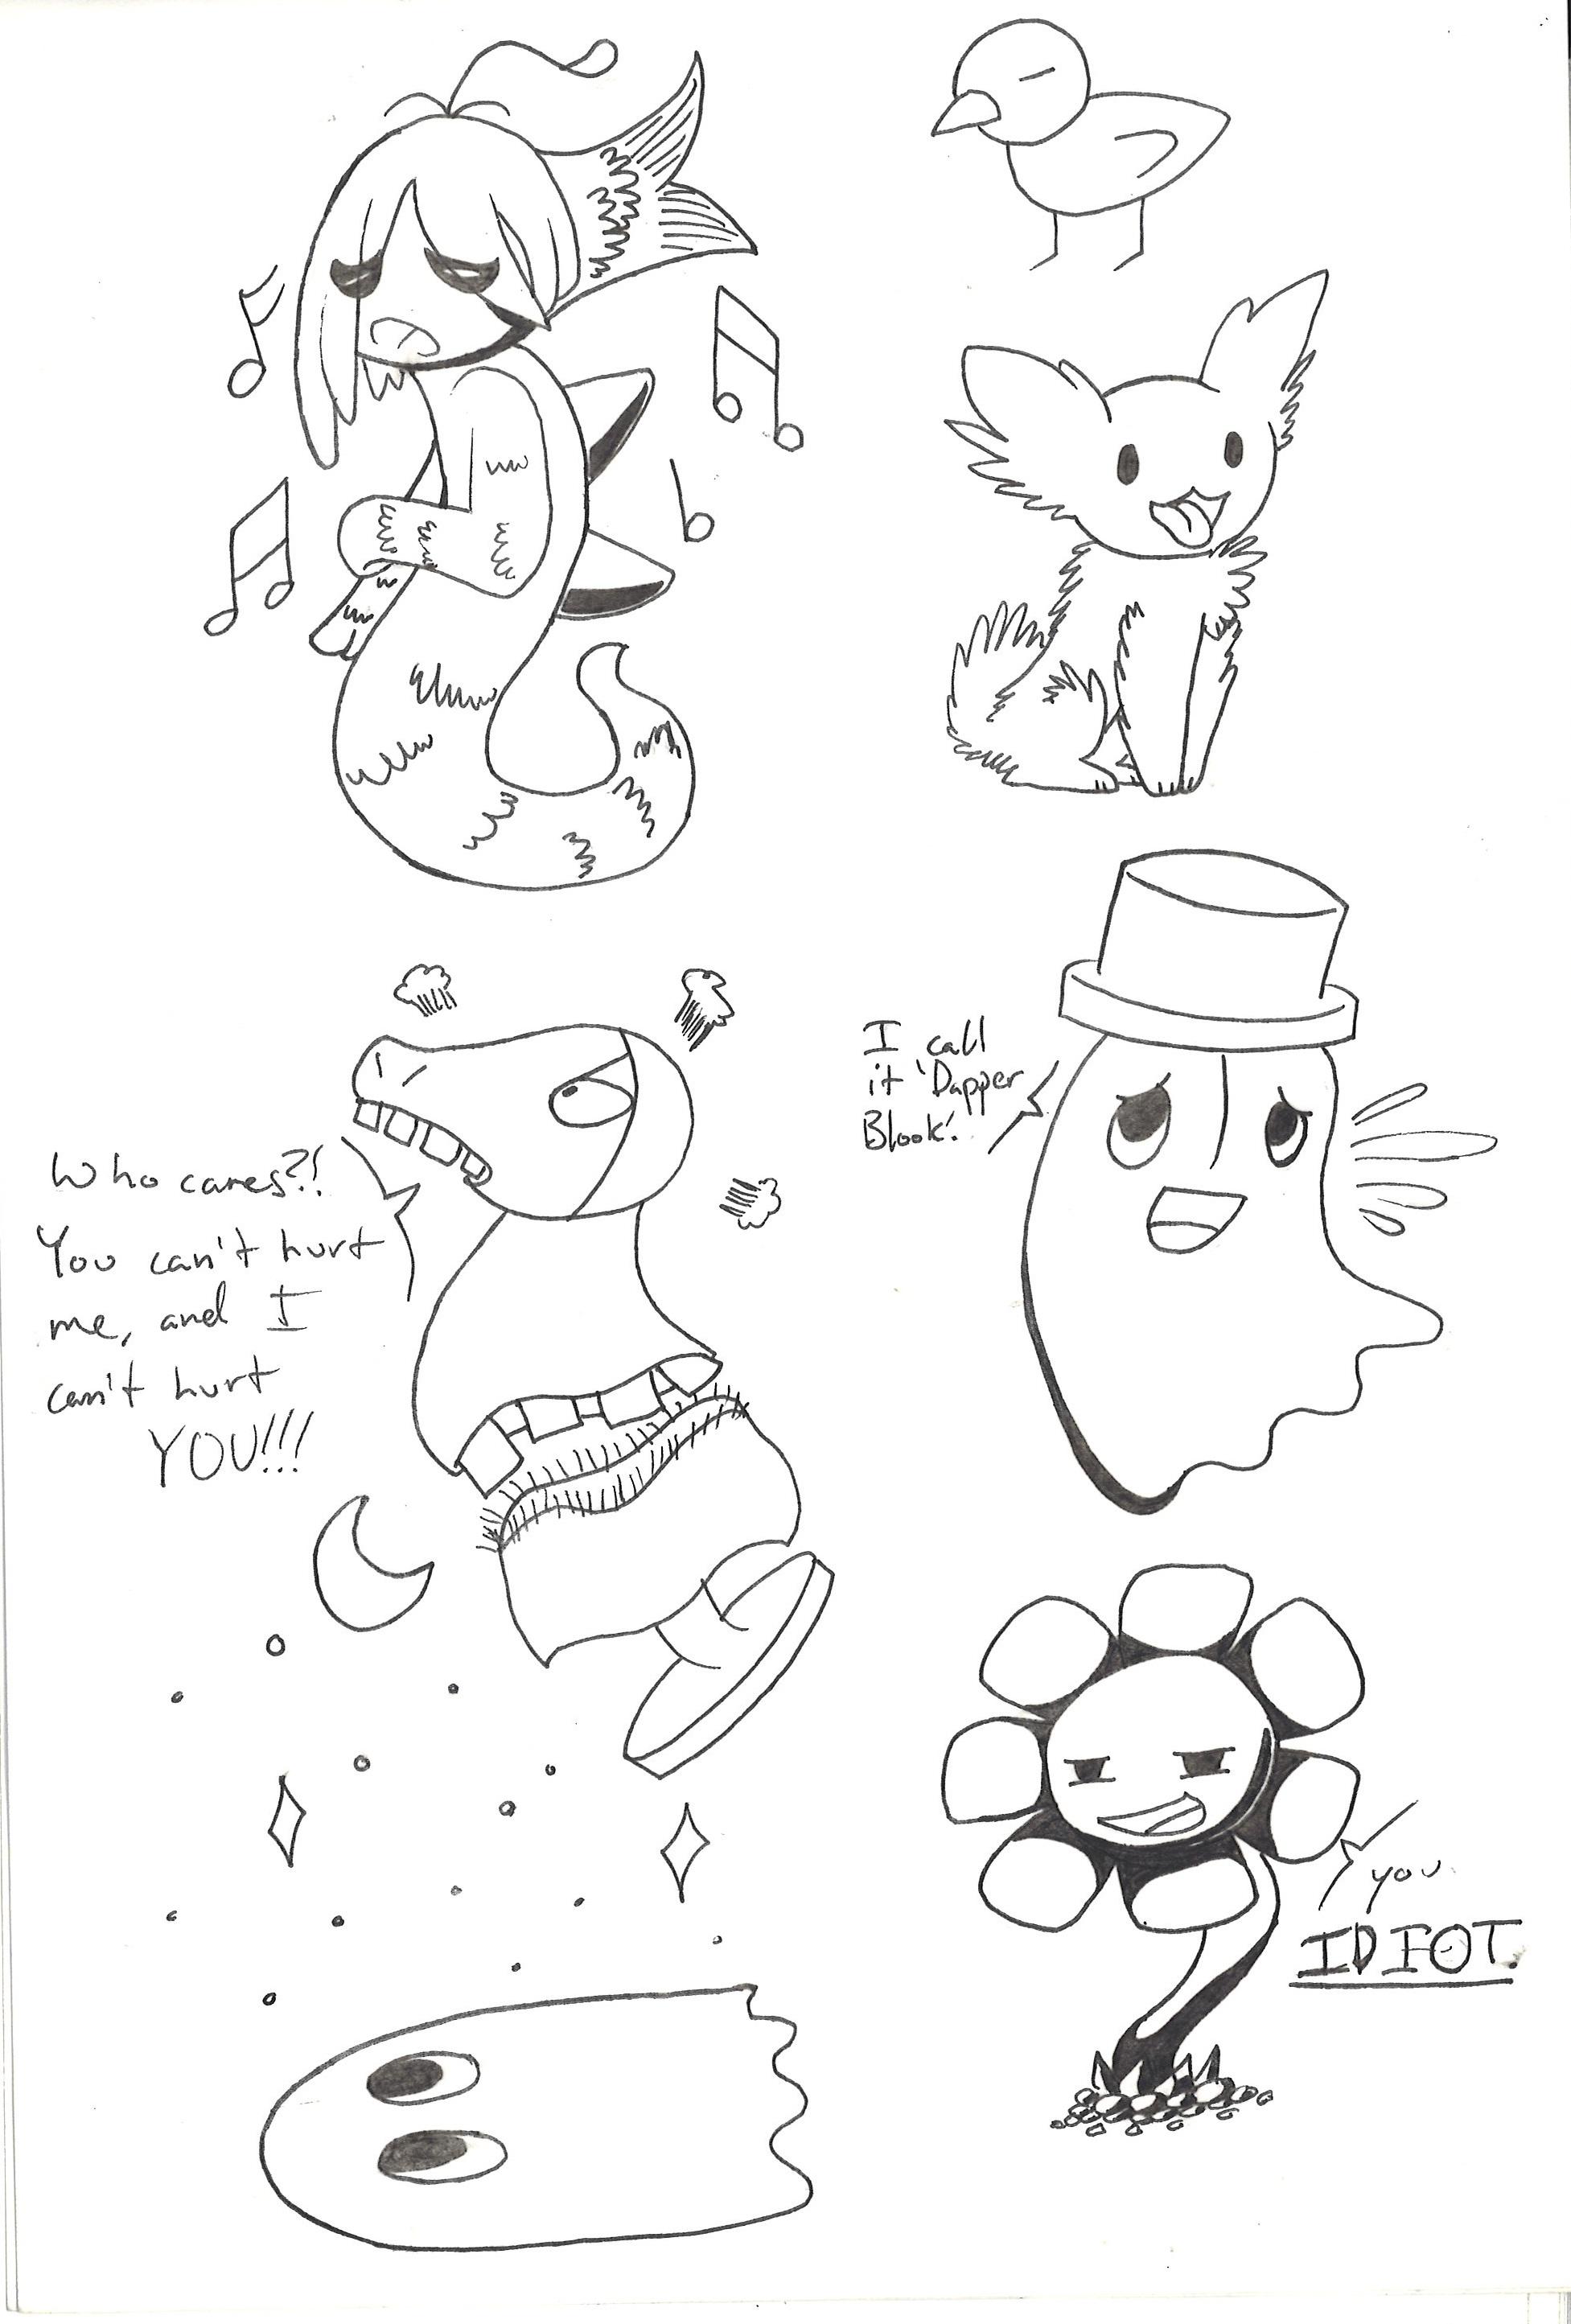 Undertale Sketch dump by Sh0ckwavve